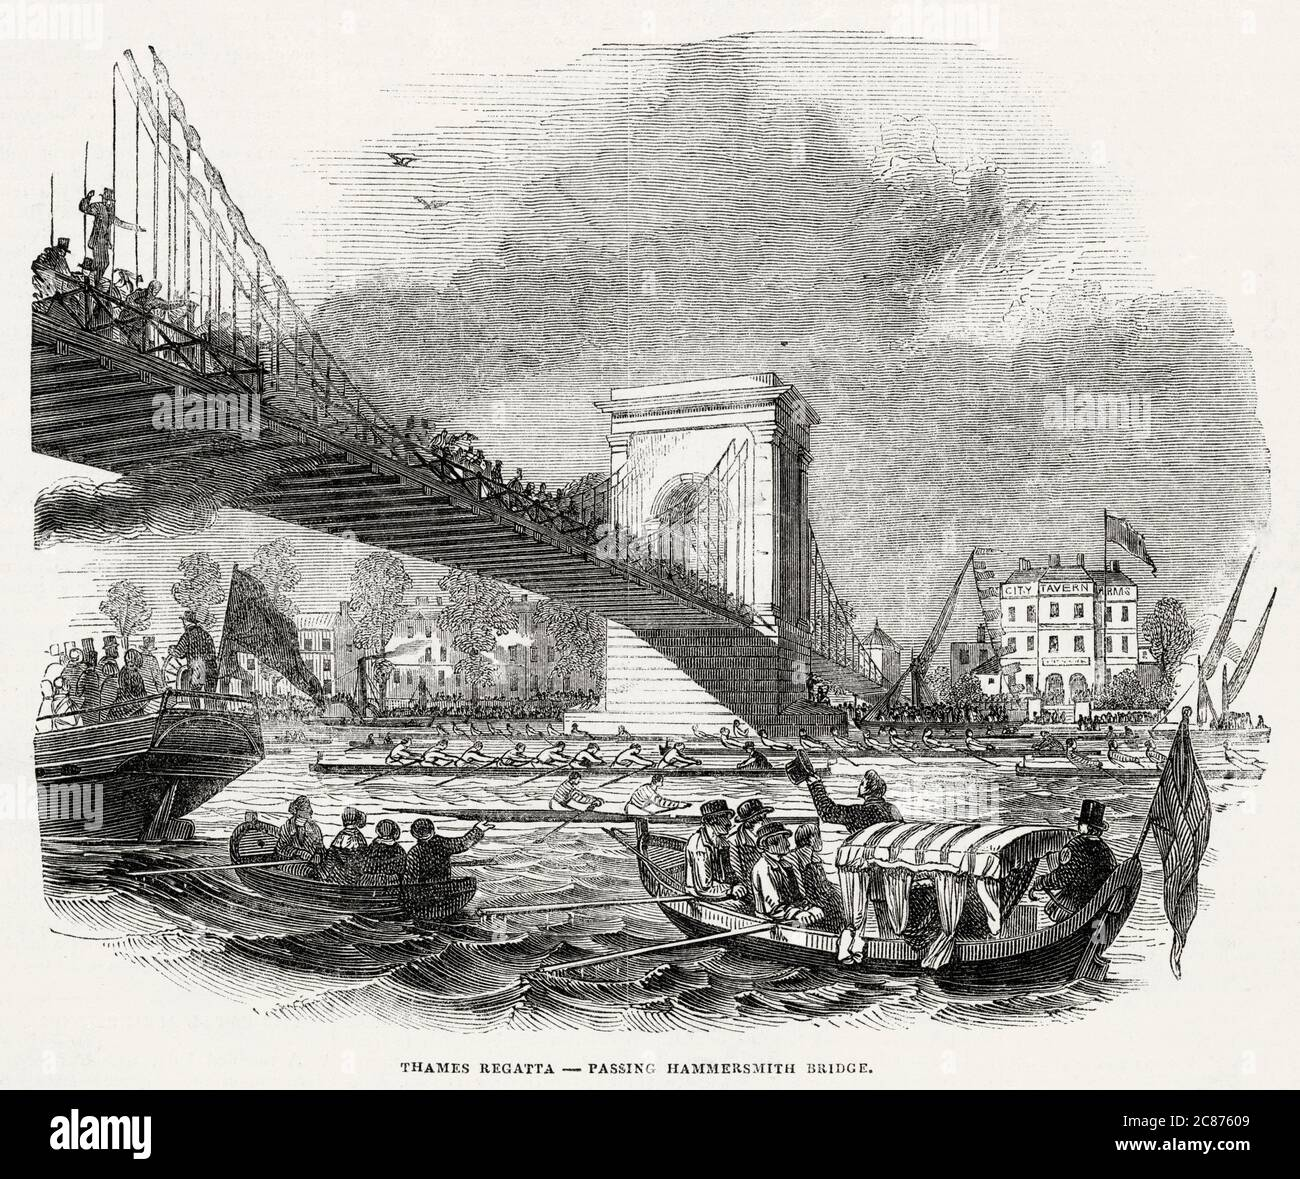 Bateaux à rames passant le pont Hammersmith. Date: 1846 Banque D'Images